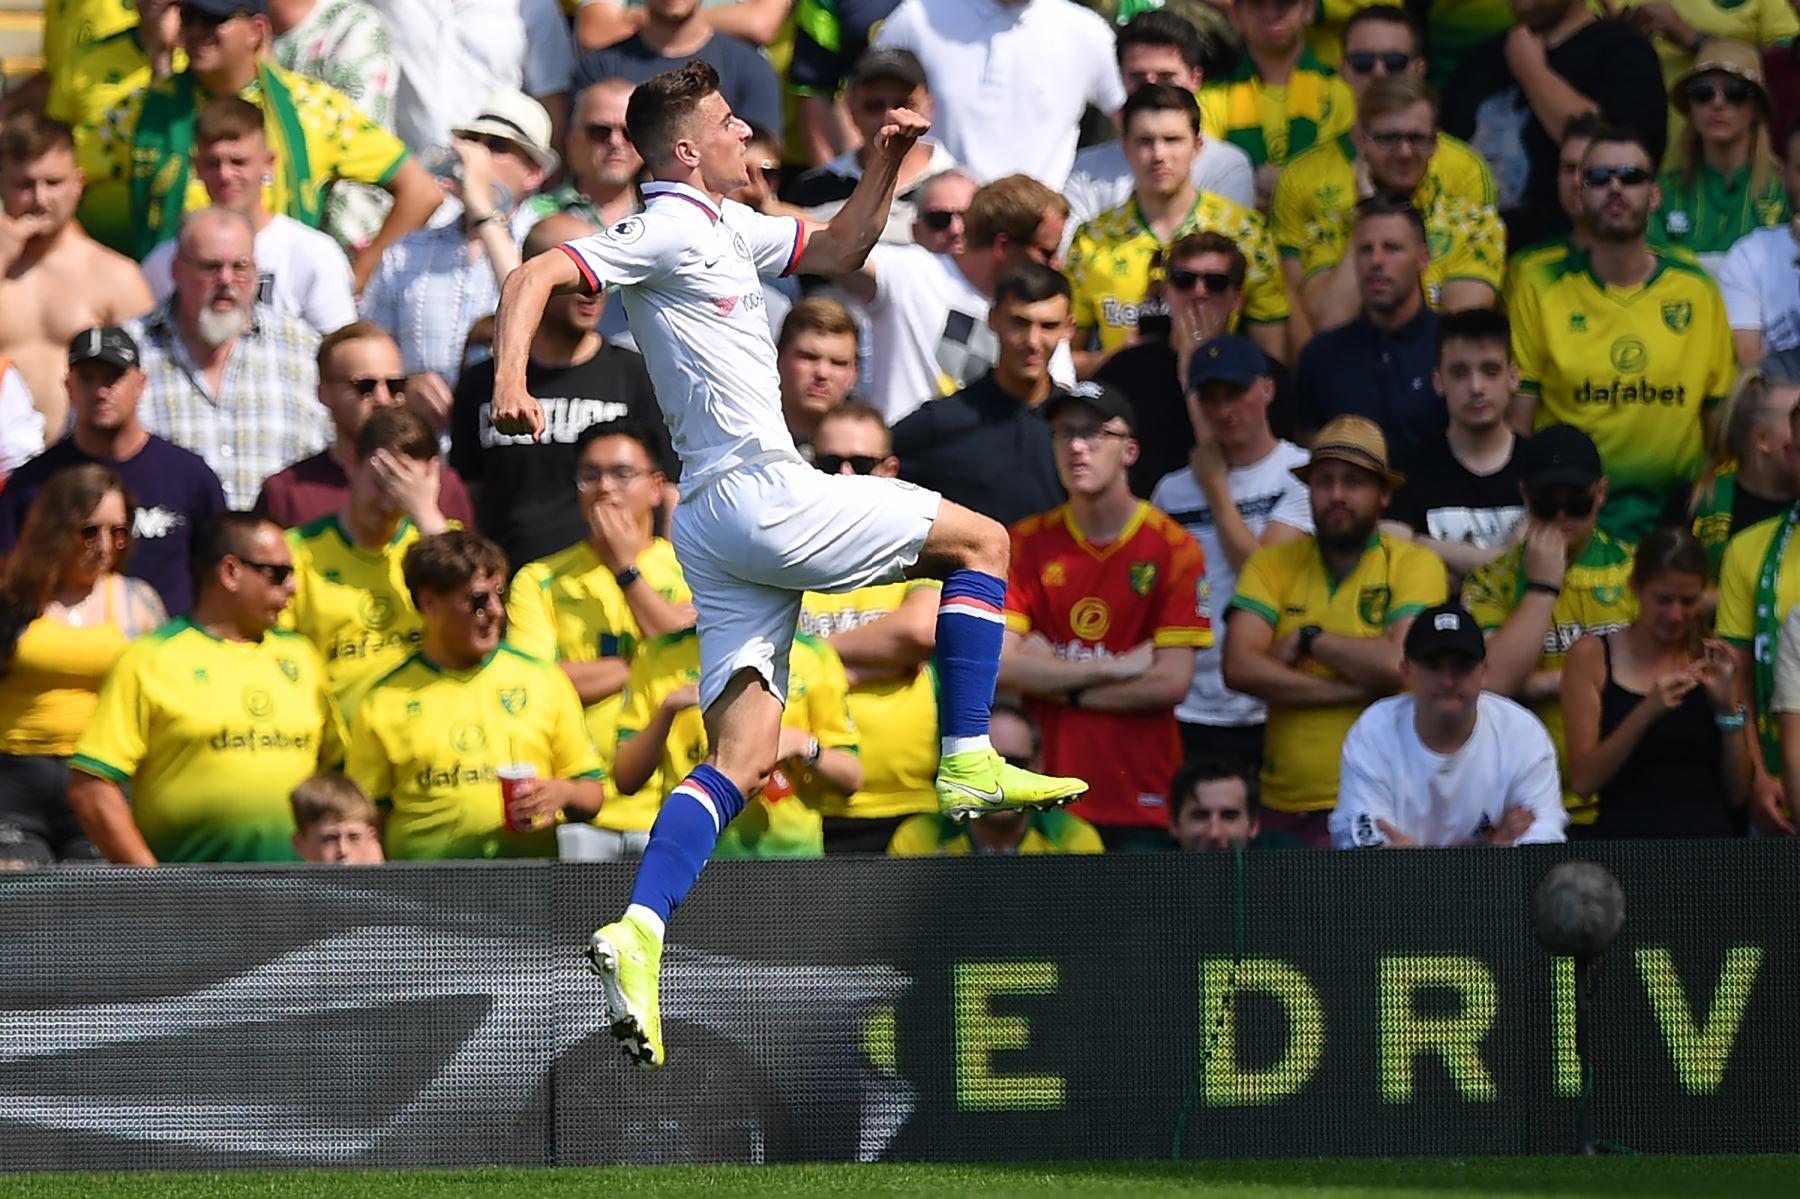 El mediocampista inglés del Chelsea, Mason Mount, celebra su segundo gol durante el partido de fútbol de la Premier League inglesa entre Norwich City y Chelsea. Foto: AFP